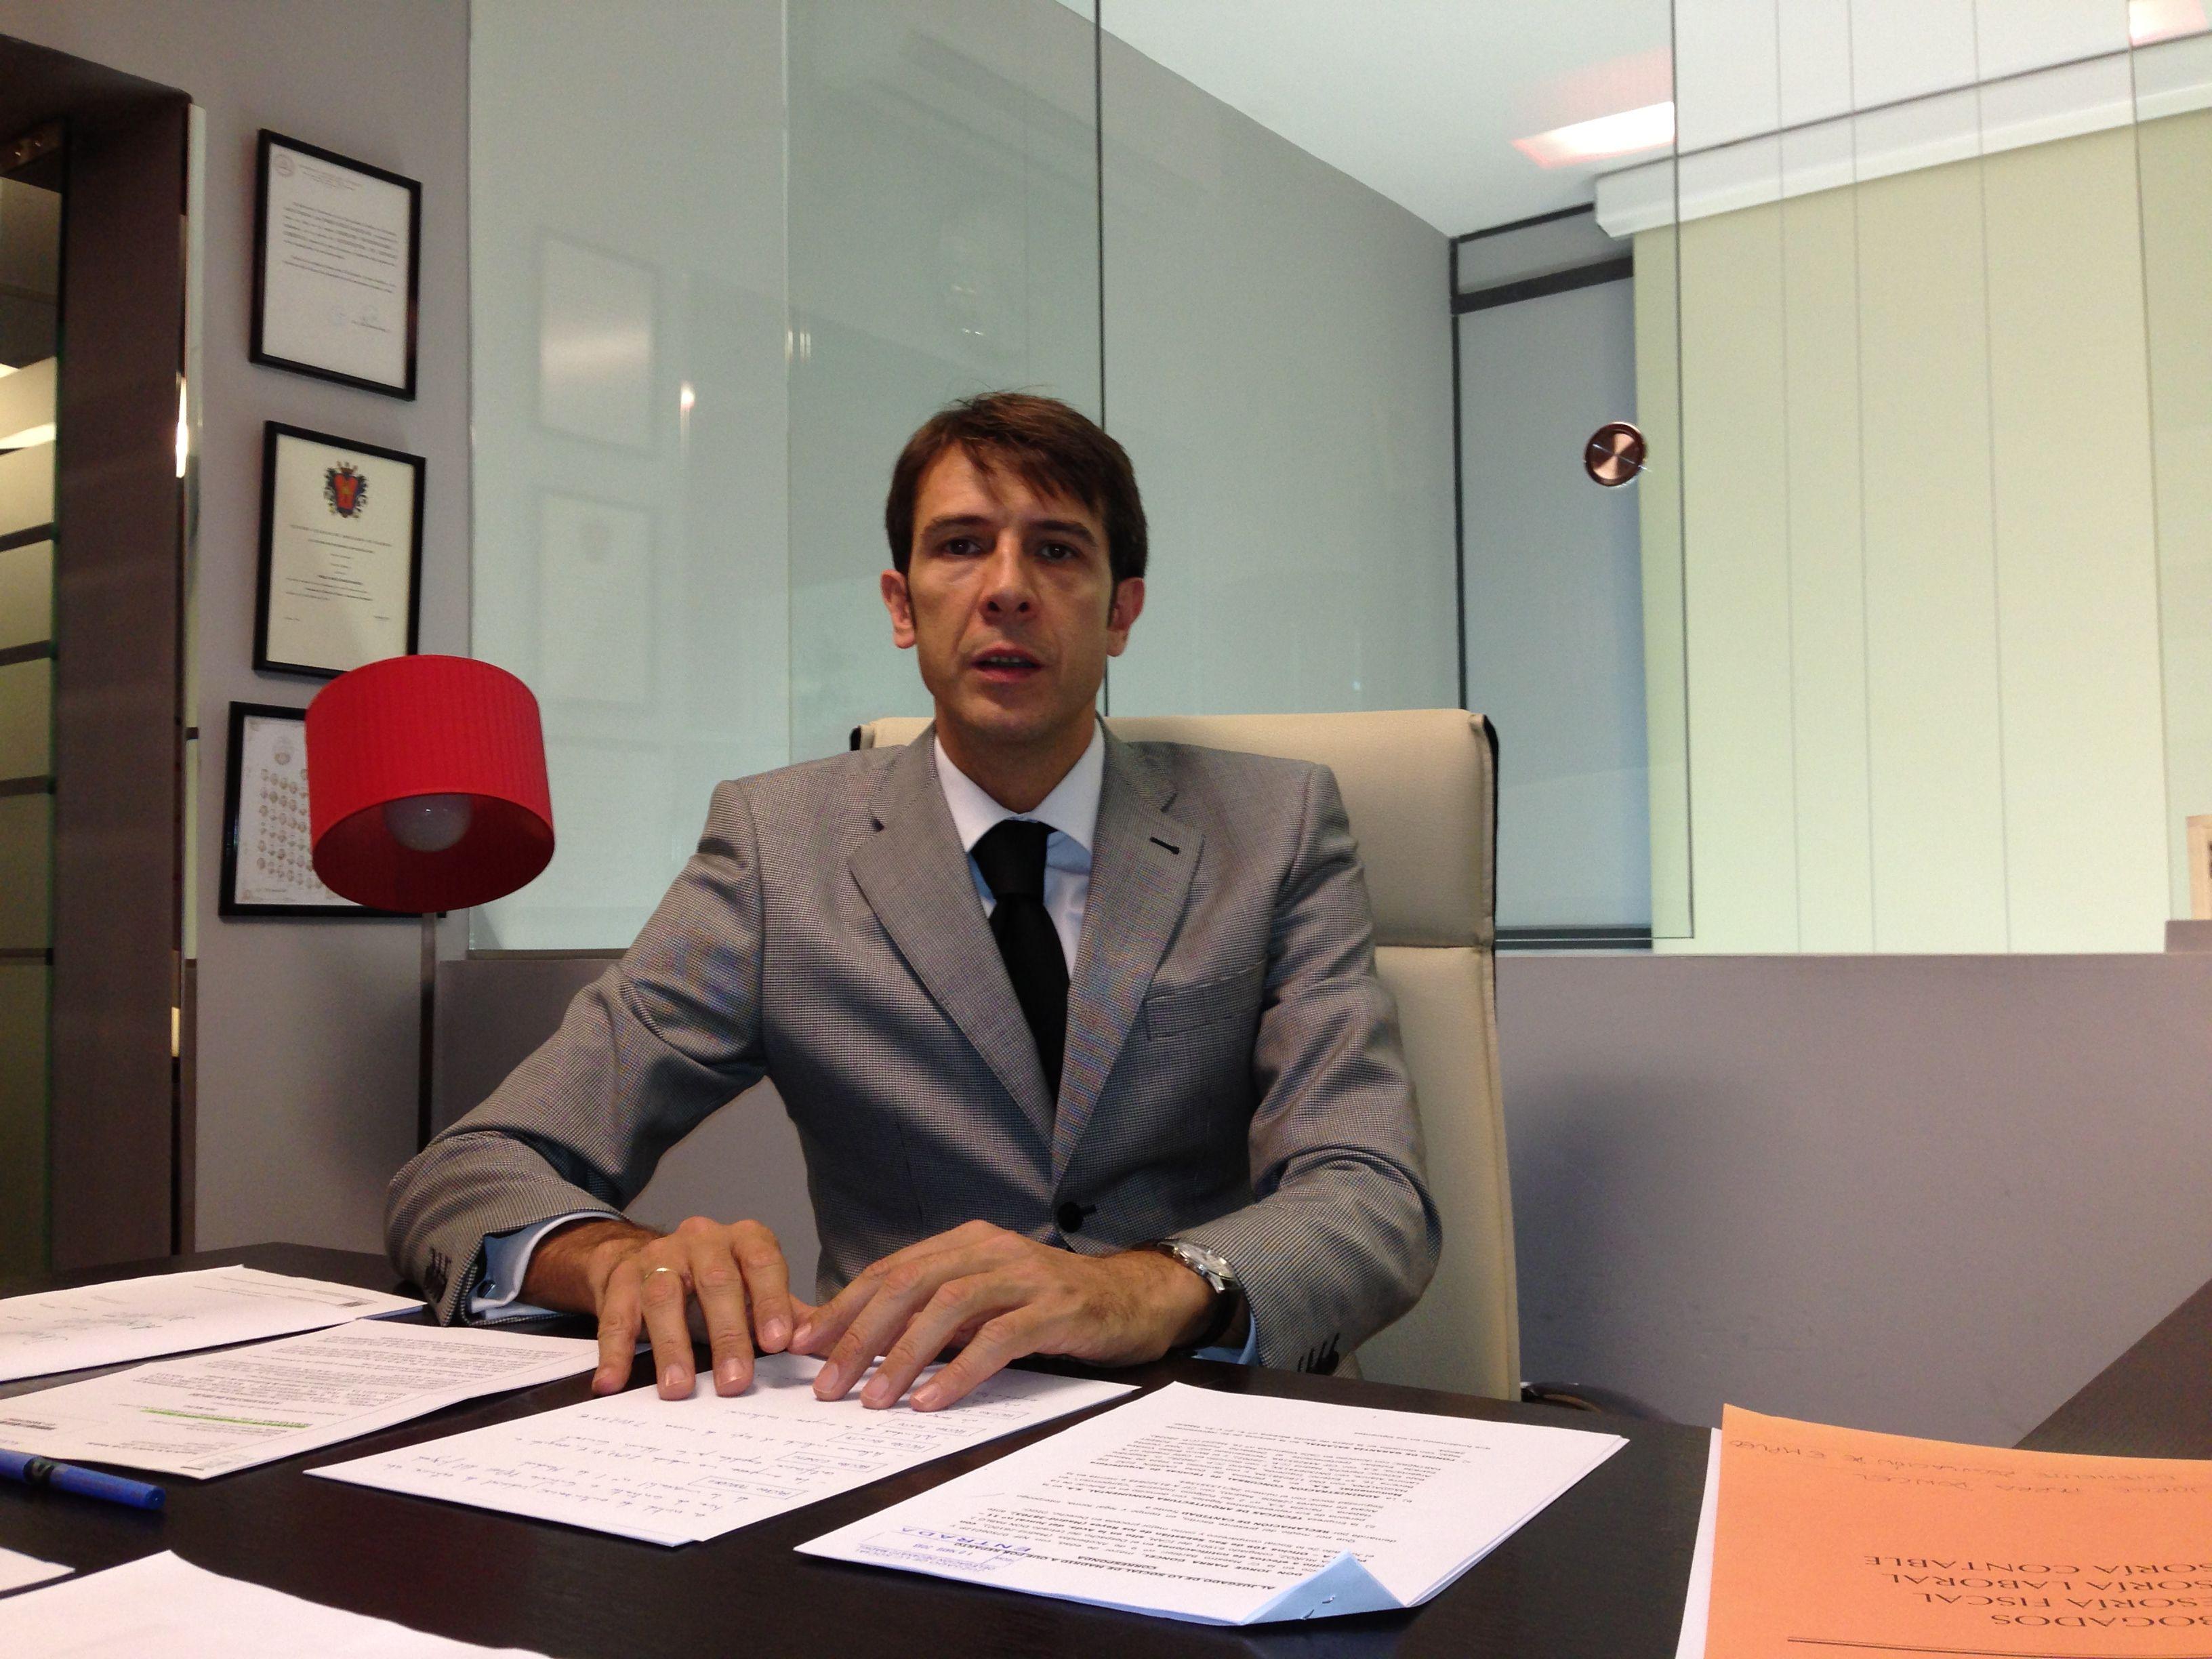 Asesoría fiscal: Servicios de Valdavia Asesores, S.L.P.